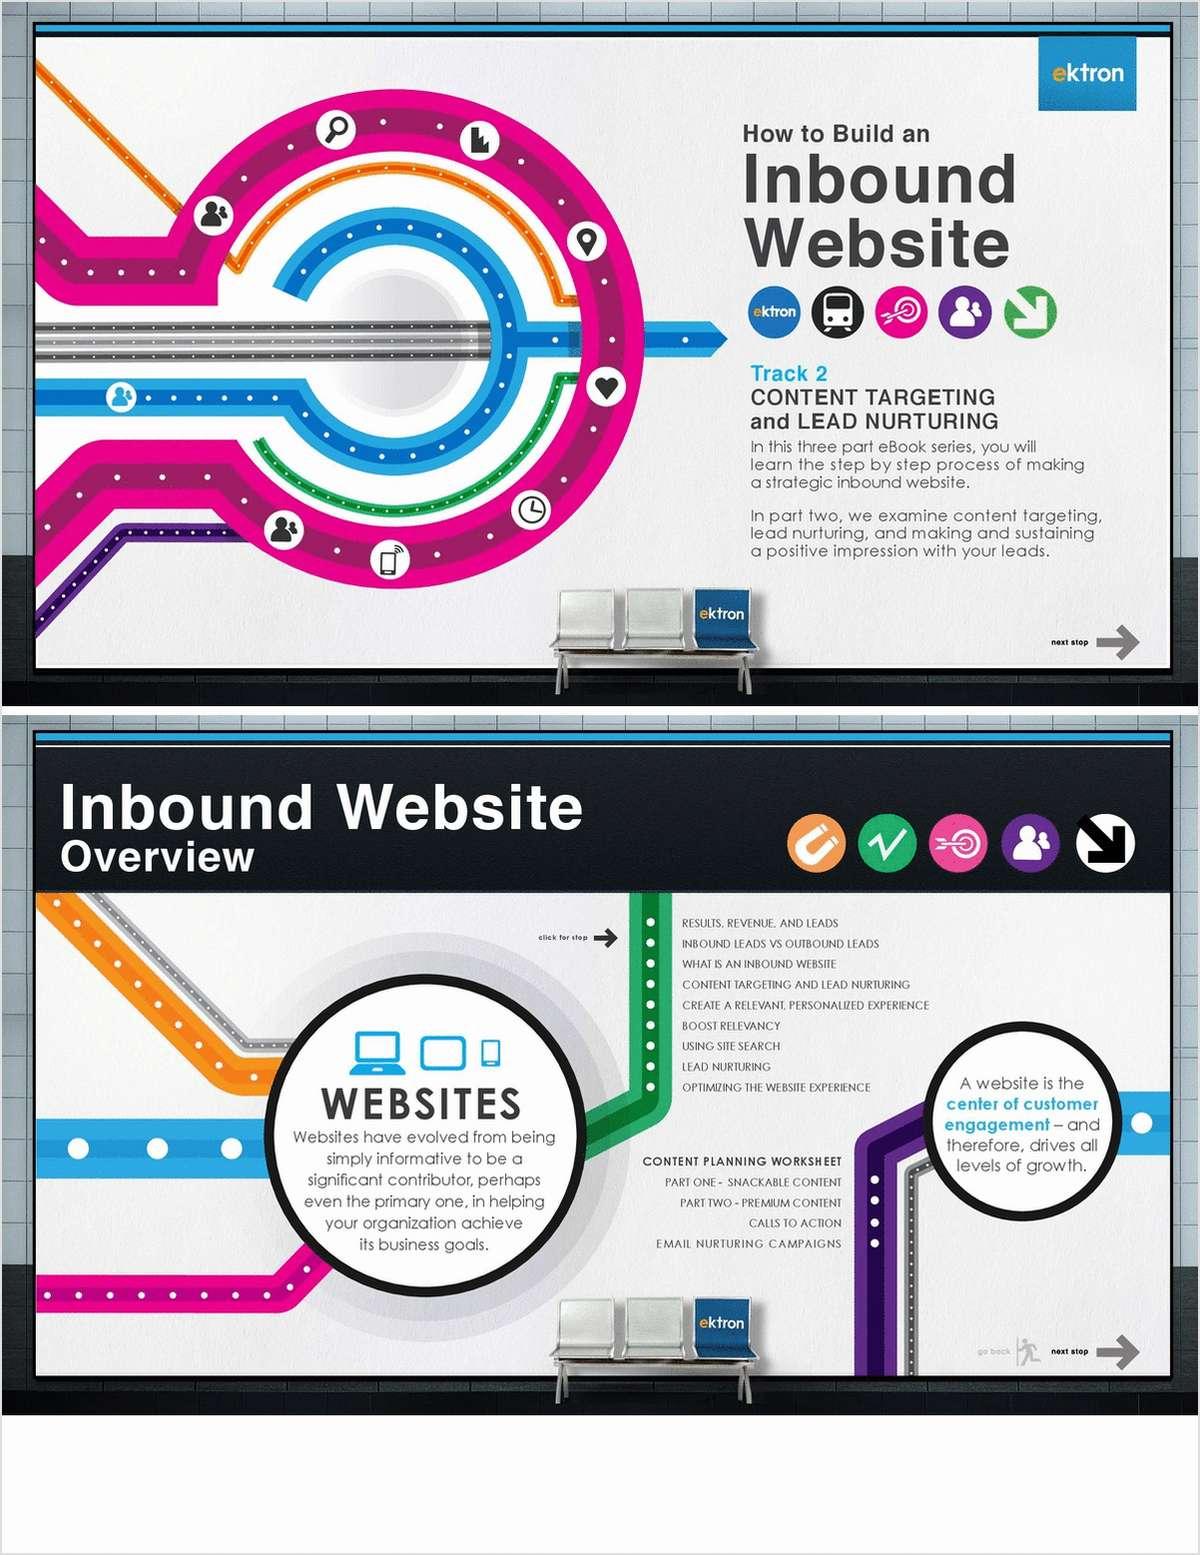 Building an Inbound Website: Content Targeting & Lead Nurturing